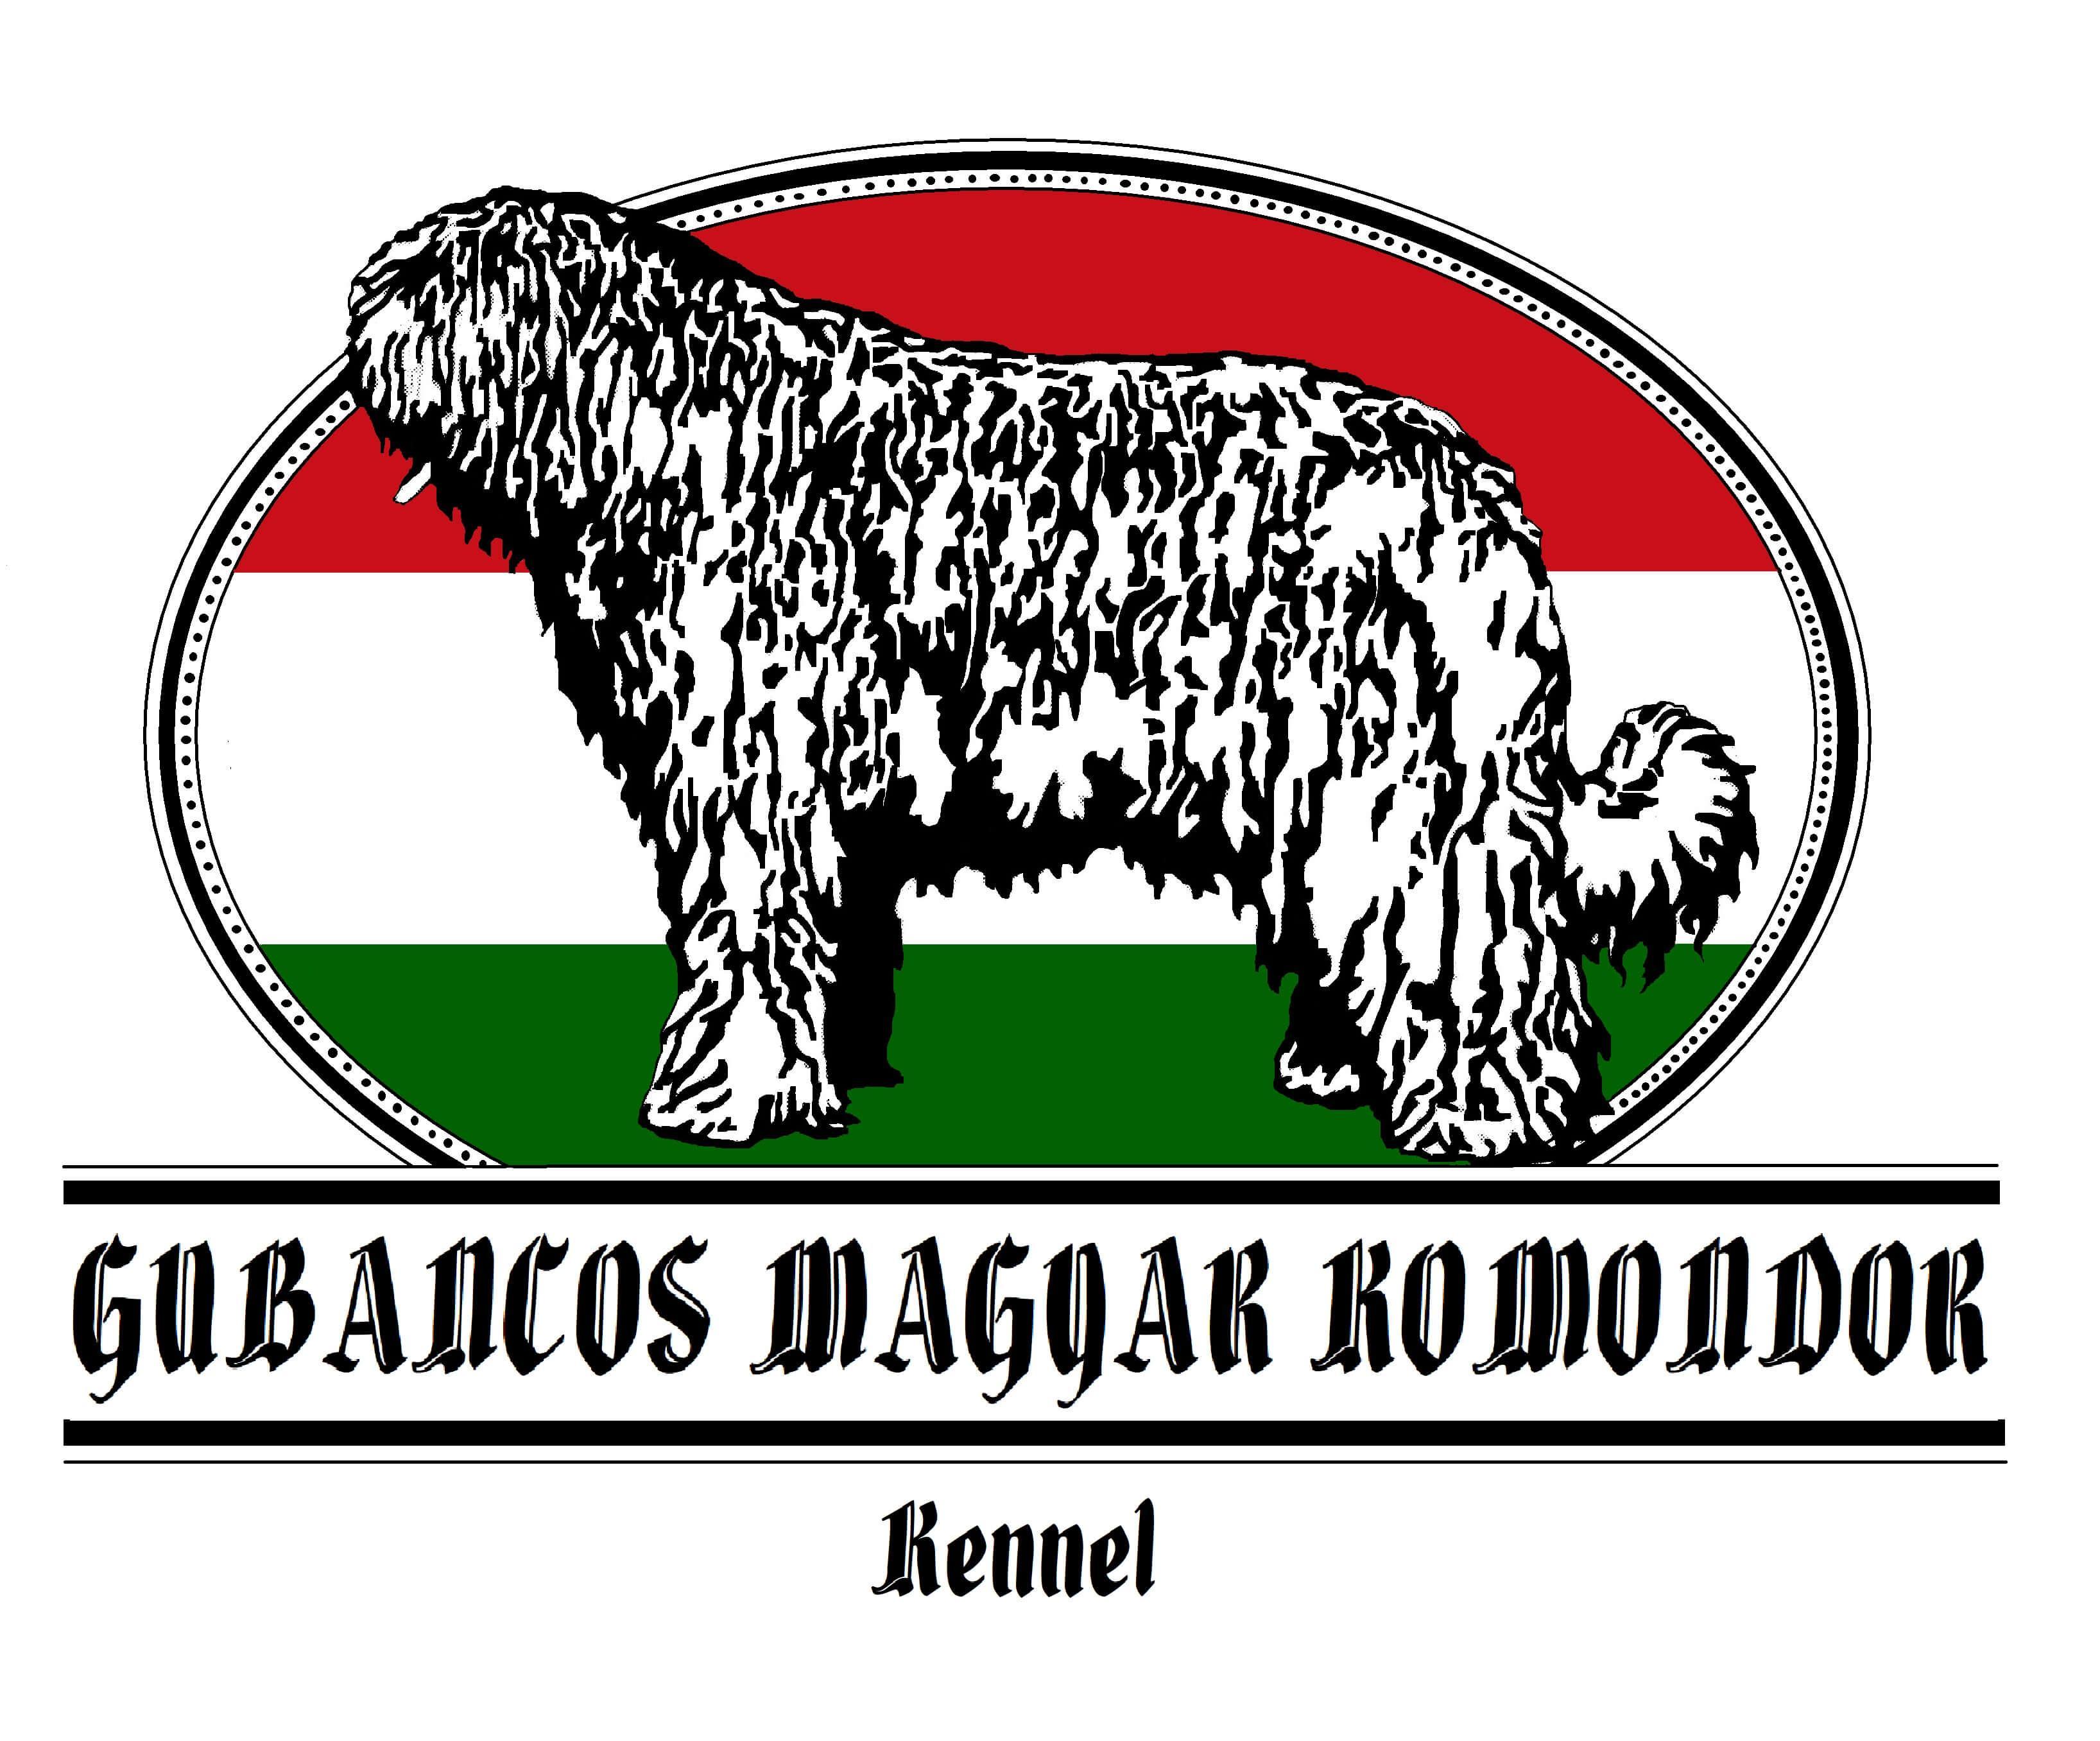 Gubancos Magyar Komondor kennel